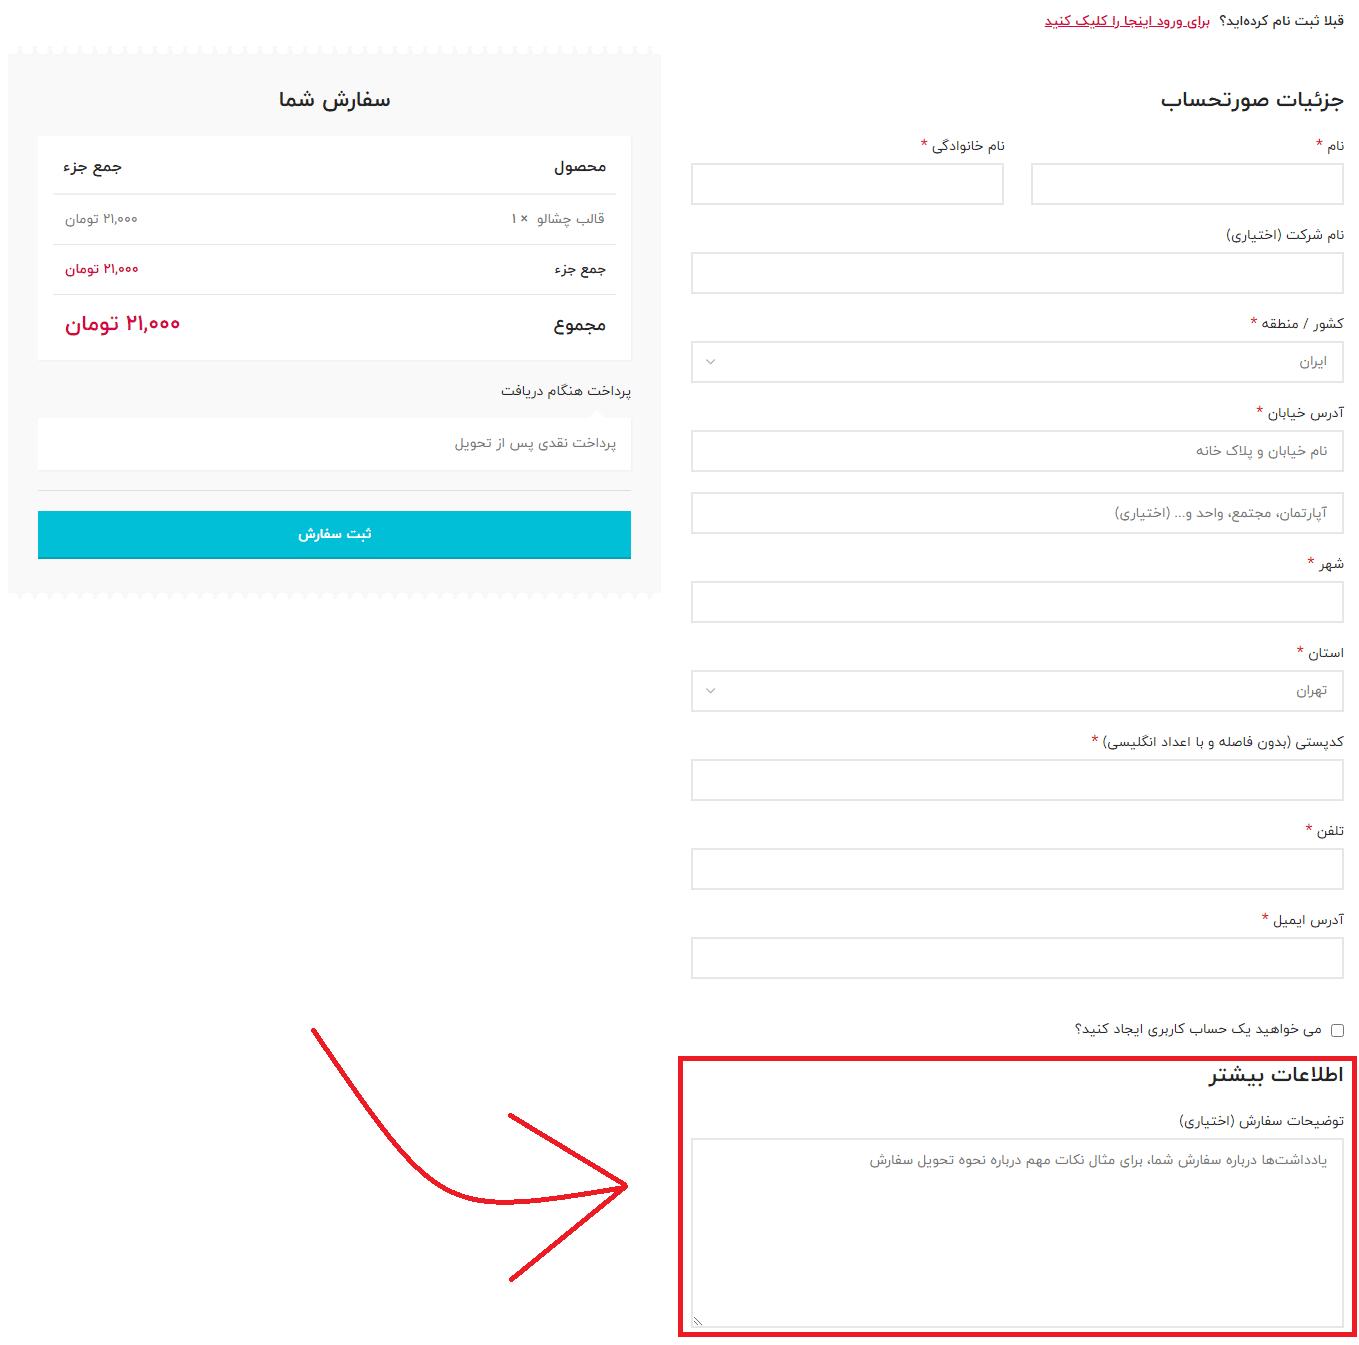 حذف بخش یادداشت های سفارش در صفحه پرداخت ووکامرس